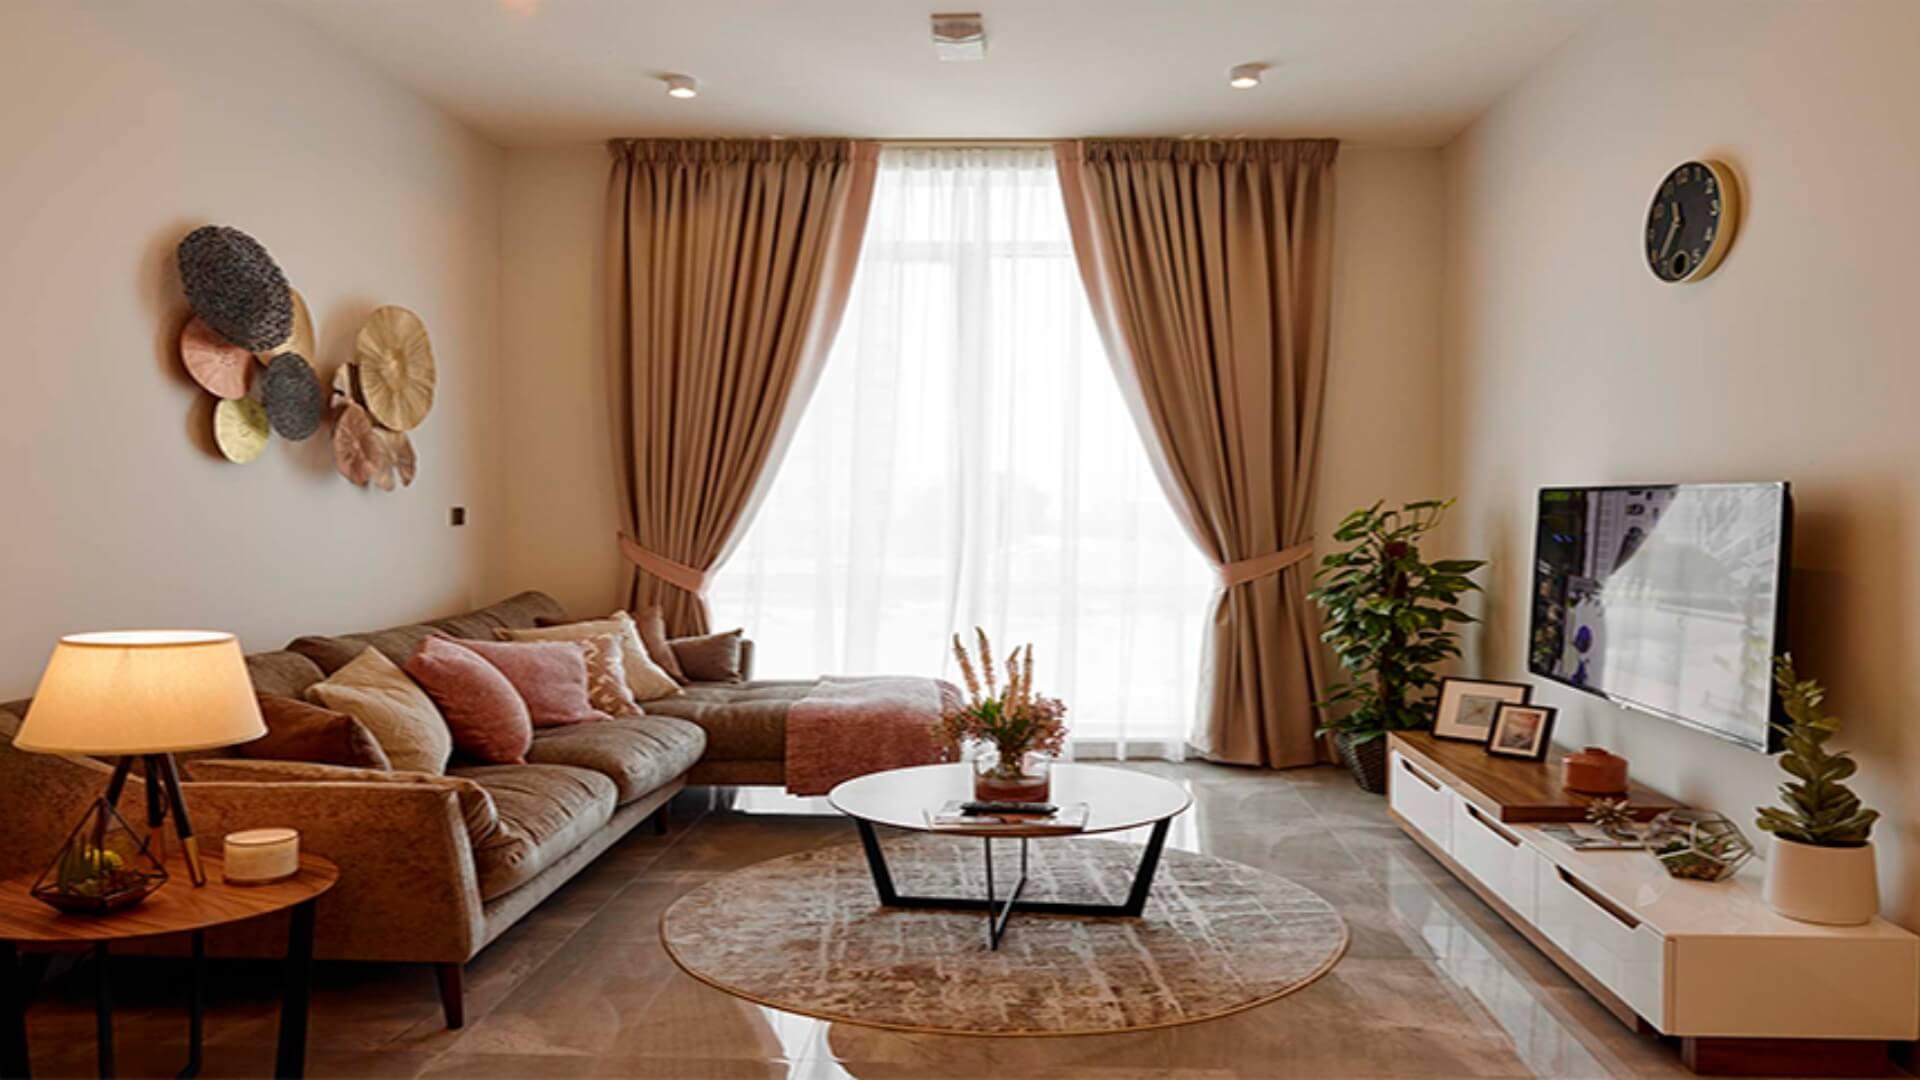 Apartamento en venta en Dubai, EAU, 1 dormitorio, 59 m2, № 24269 – foto 1